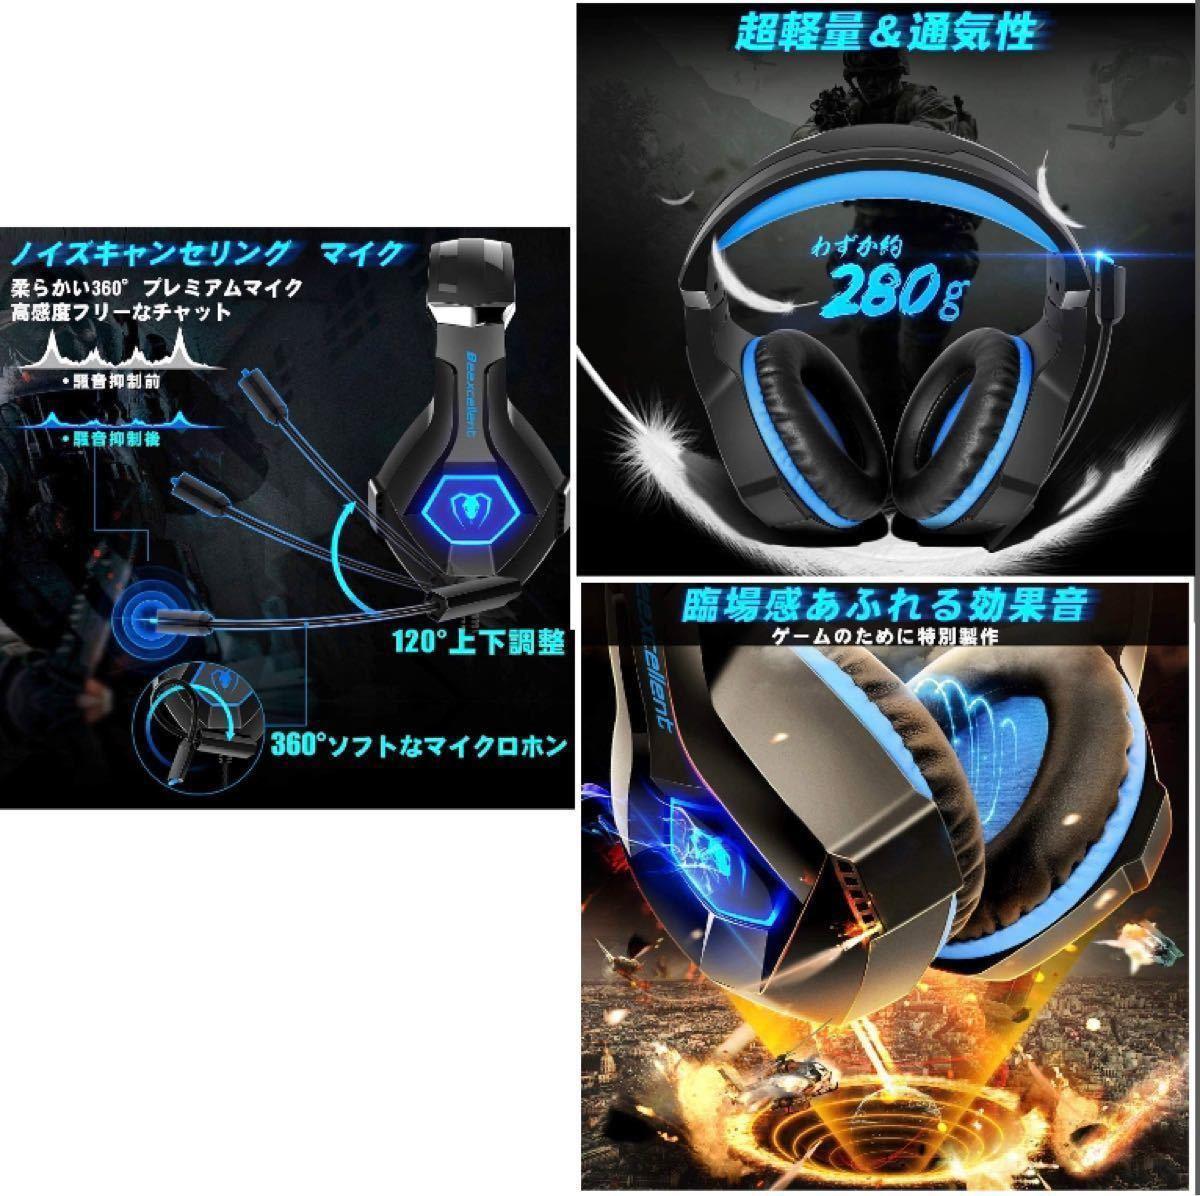 【新品・送料無料】ゲーミングヘッドセット マイク付き有線 超軽量 通気 高音質 騒音抑制 伸縮可能 標準の3.5 mmオーディオ